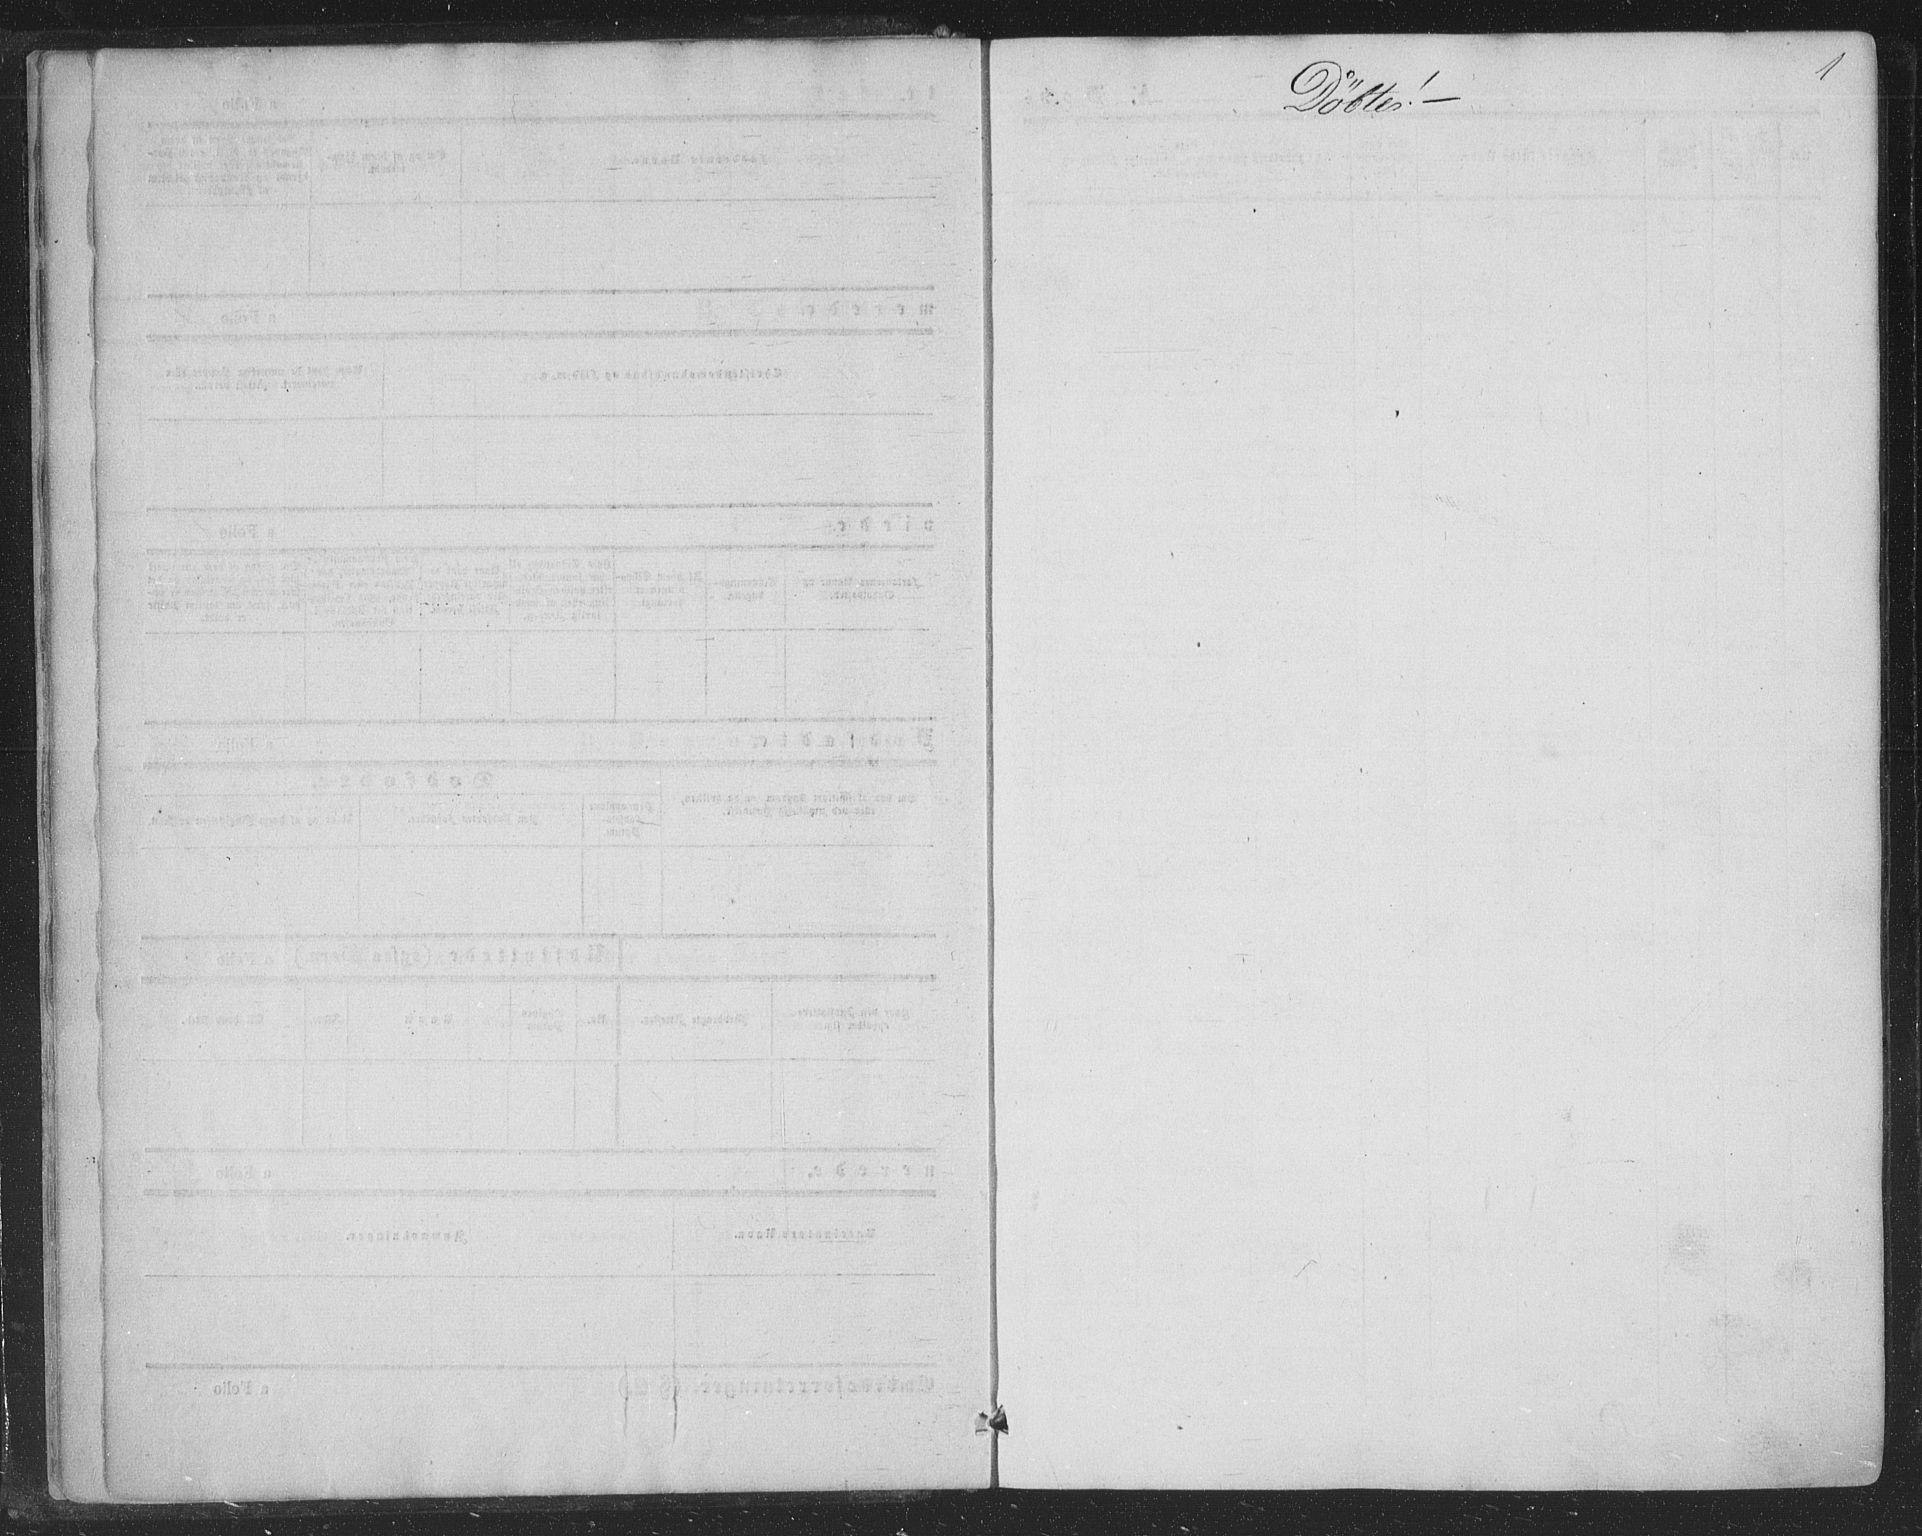 SAKO, Nore kirkebøker, F/Fa/L0002: Ministerialbok nr. I 2, 1856-1871, s. 1